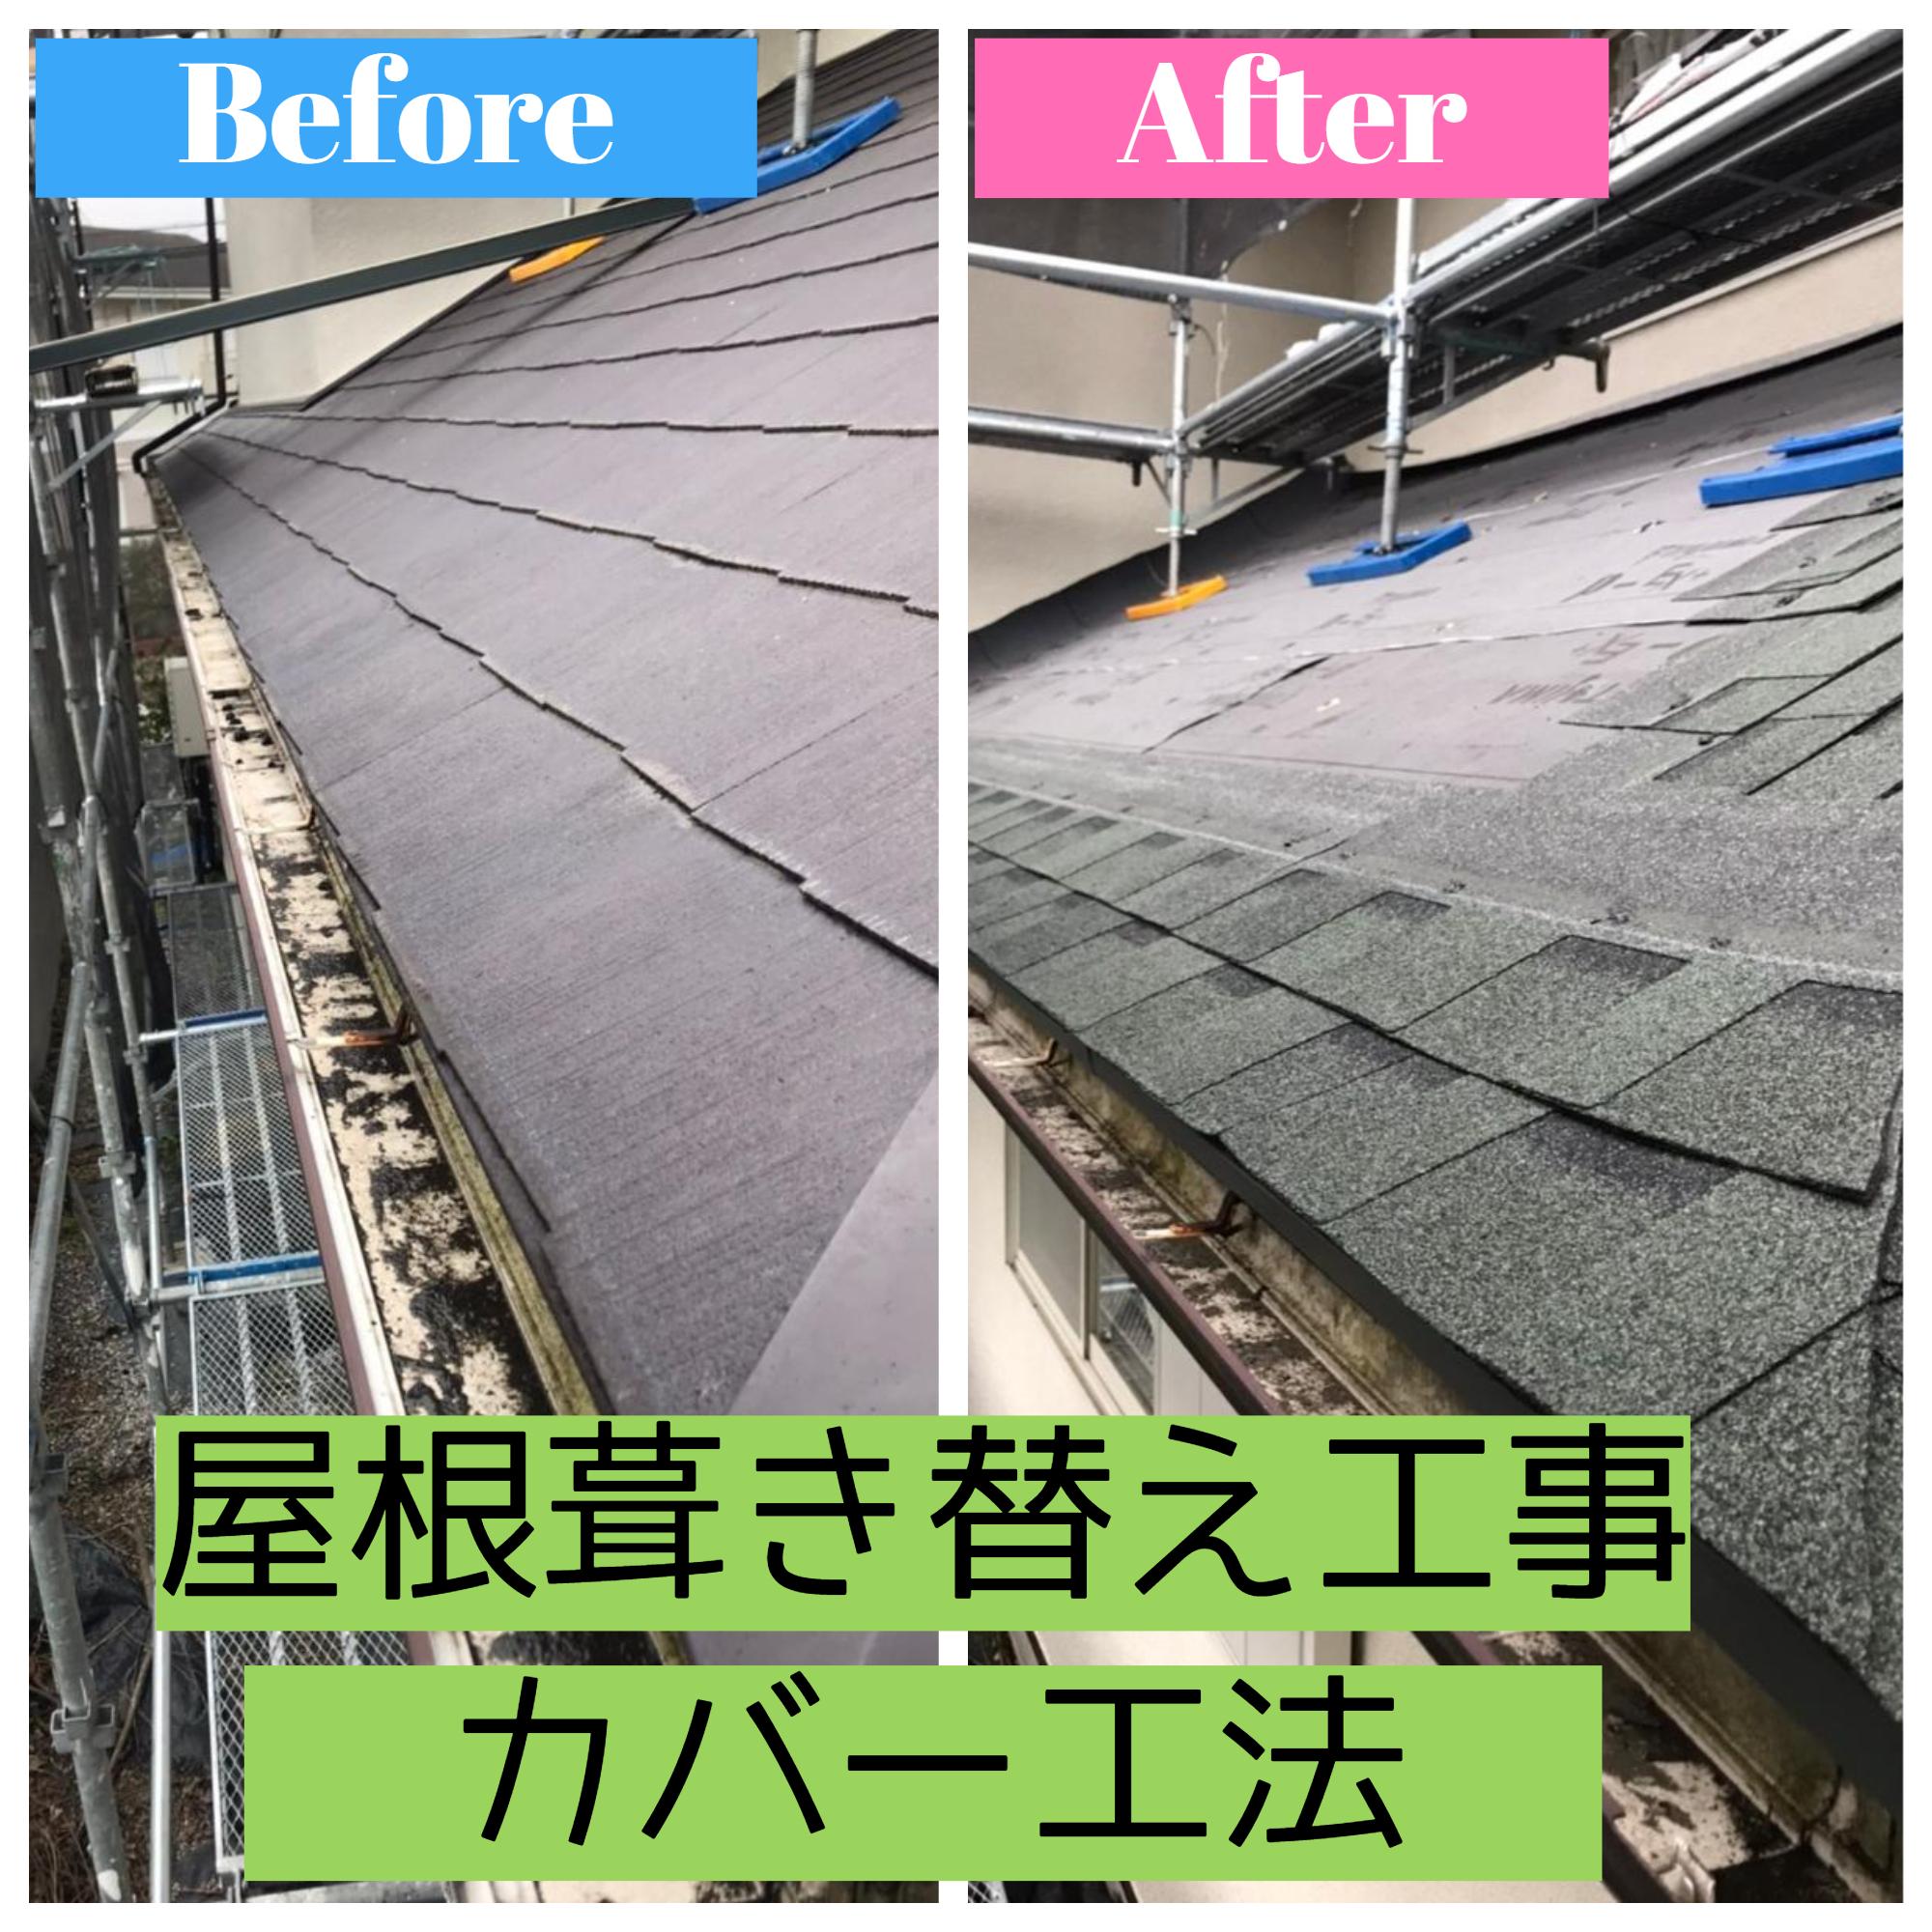 【施工事例】屋根リフォーム:カバー工法